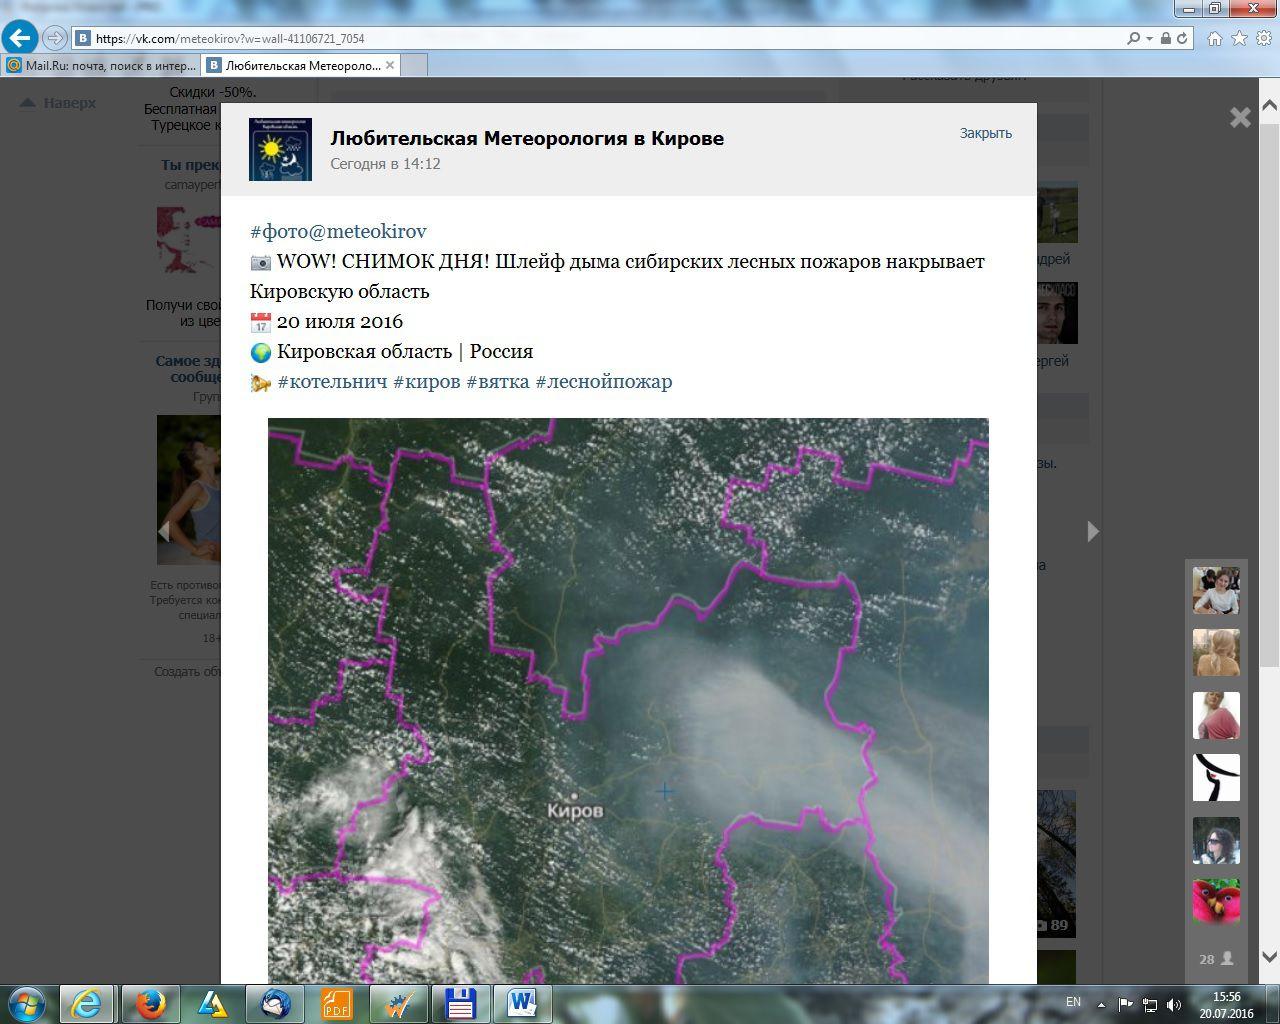 Шельф дыма сибирских пожаров достиг Кировской области